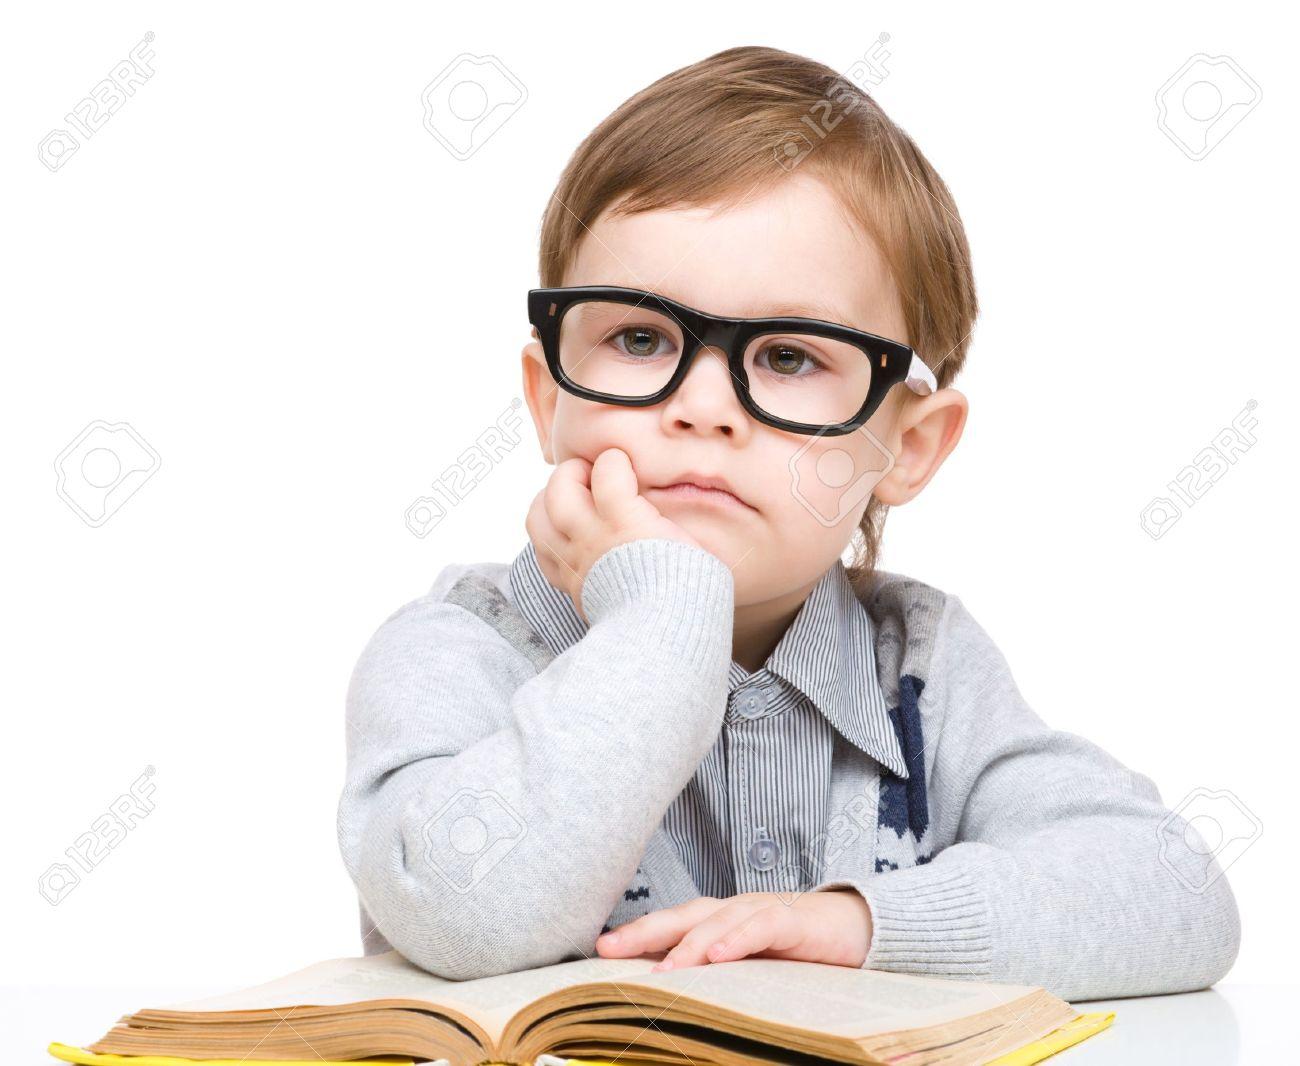 a5339bfb5514cf Schattige kleine kind te spelen met boek en bril terwijl zittend aan tafel